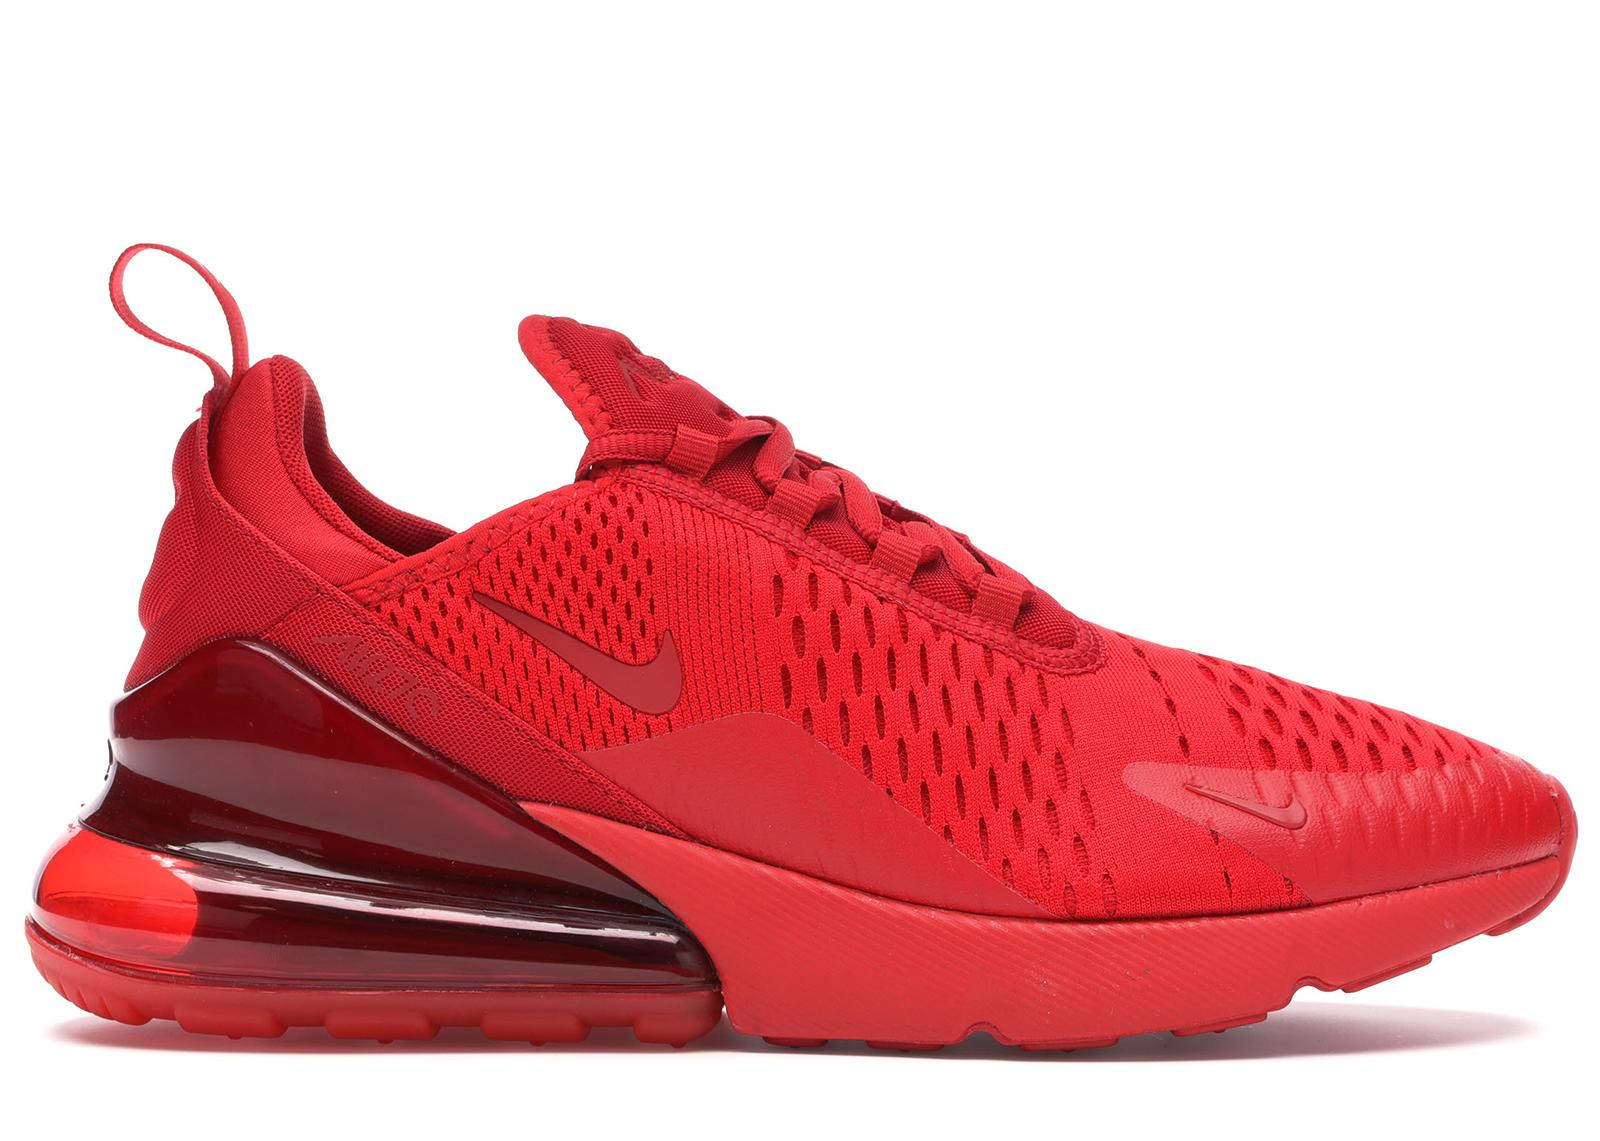 Nike Air Max 270 Triple Red - CV7544-600